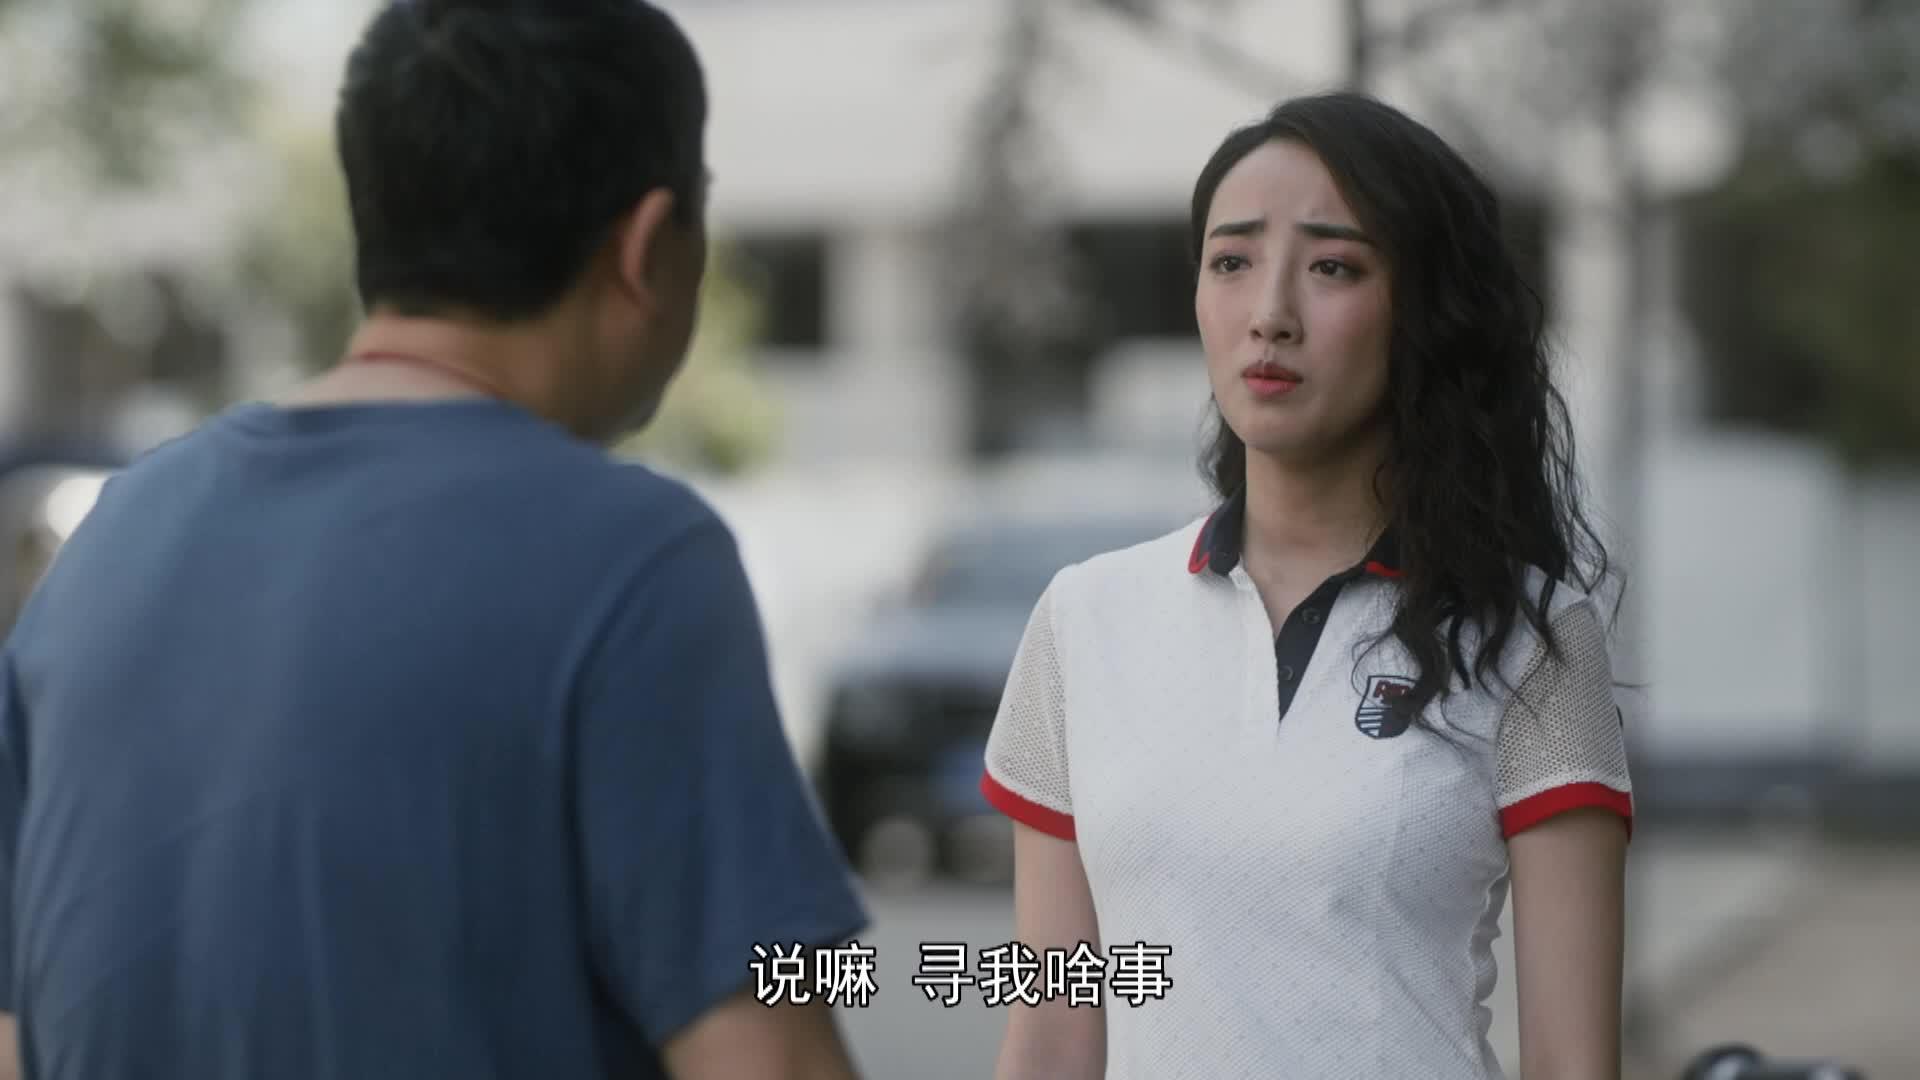 《装台》第五集精彩剧情片段:刁顺子去球场找刁菊花